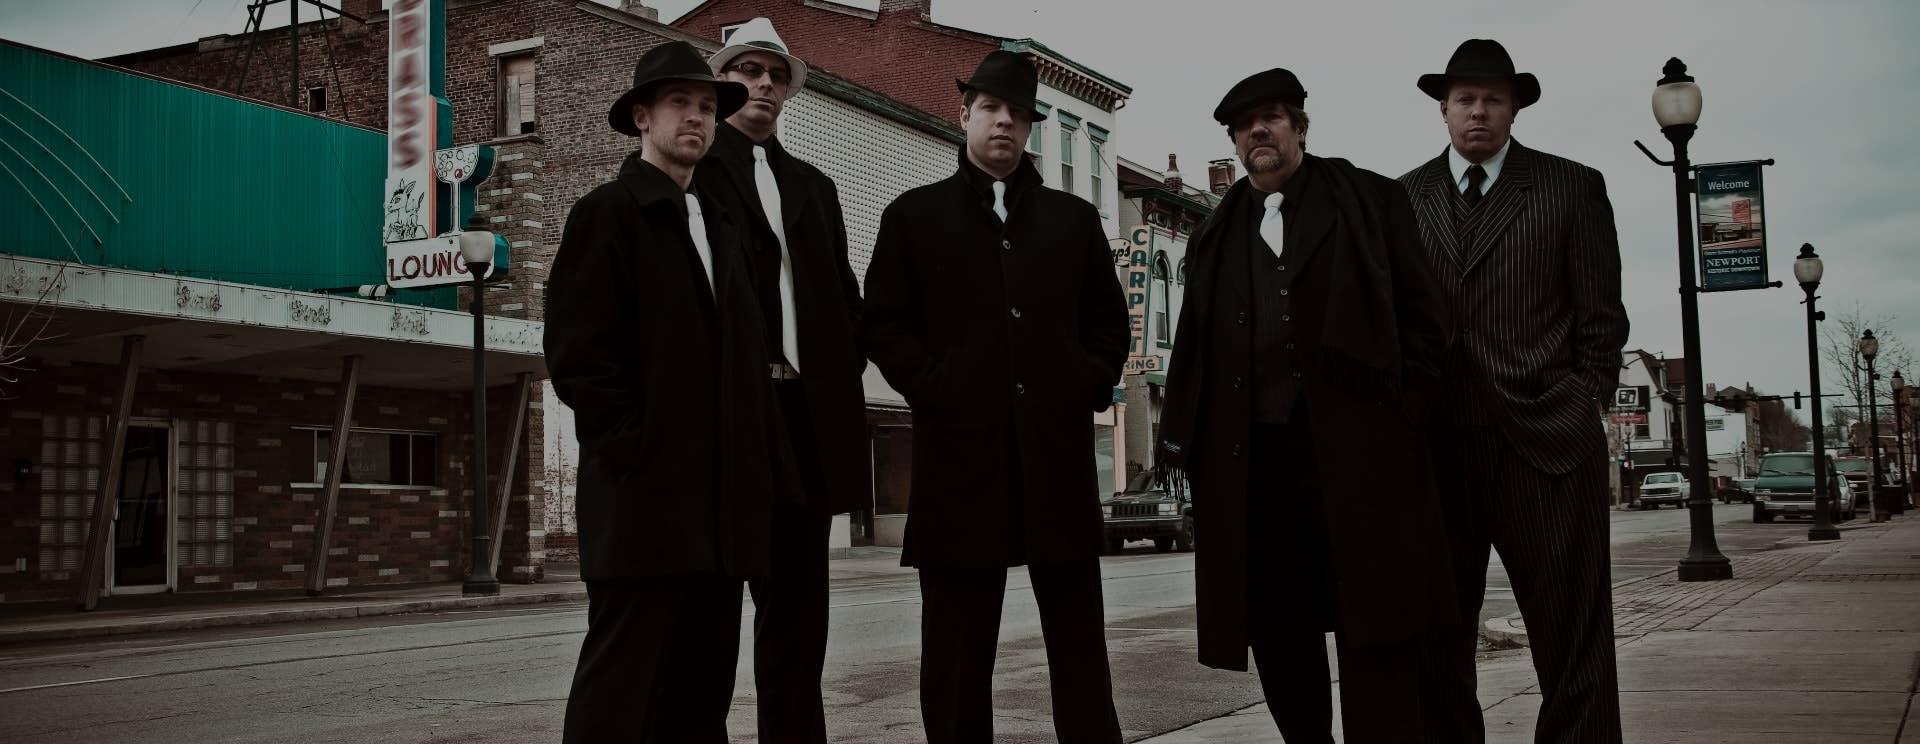 Newport Gangster Tour